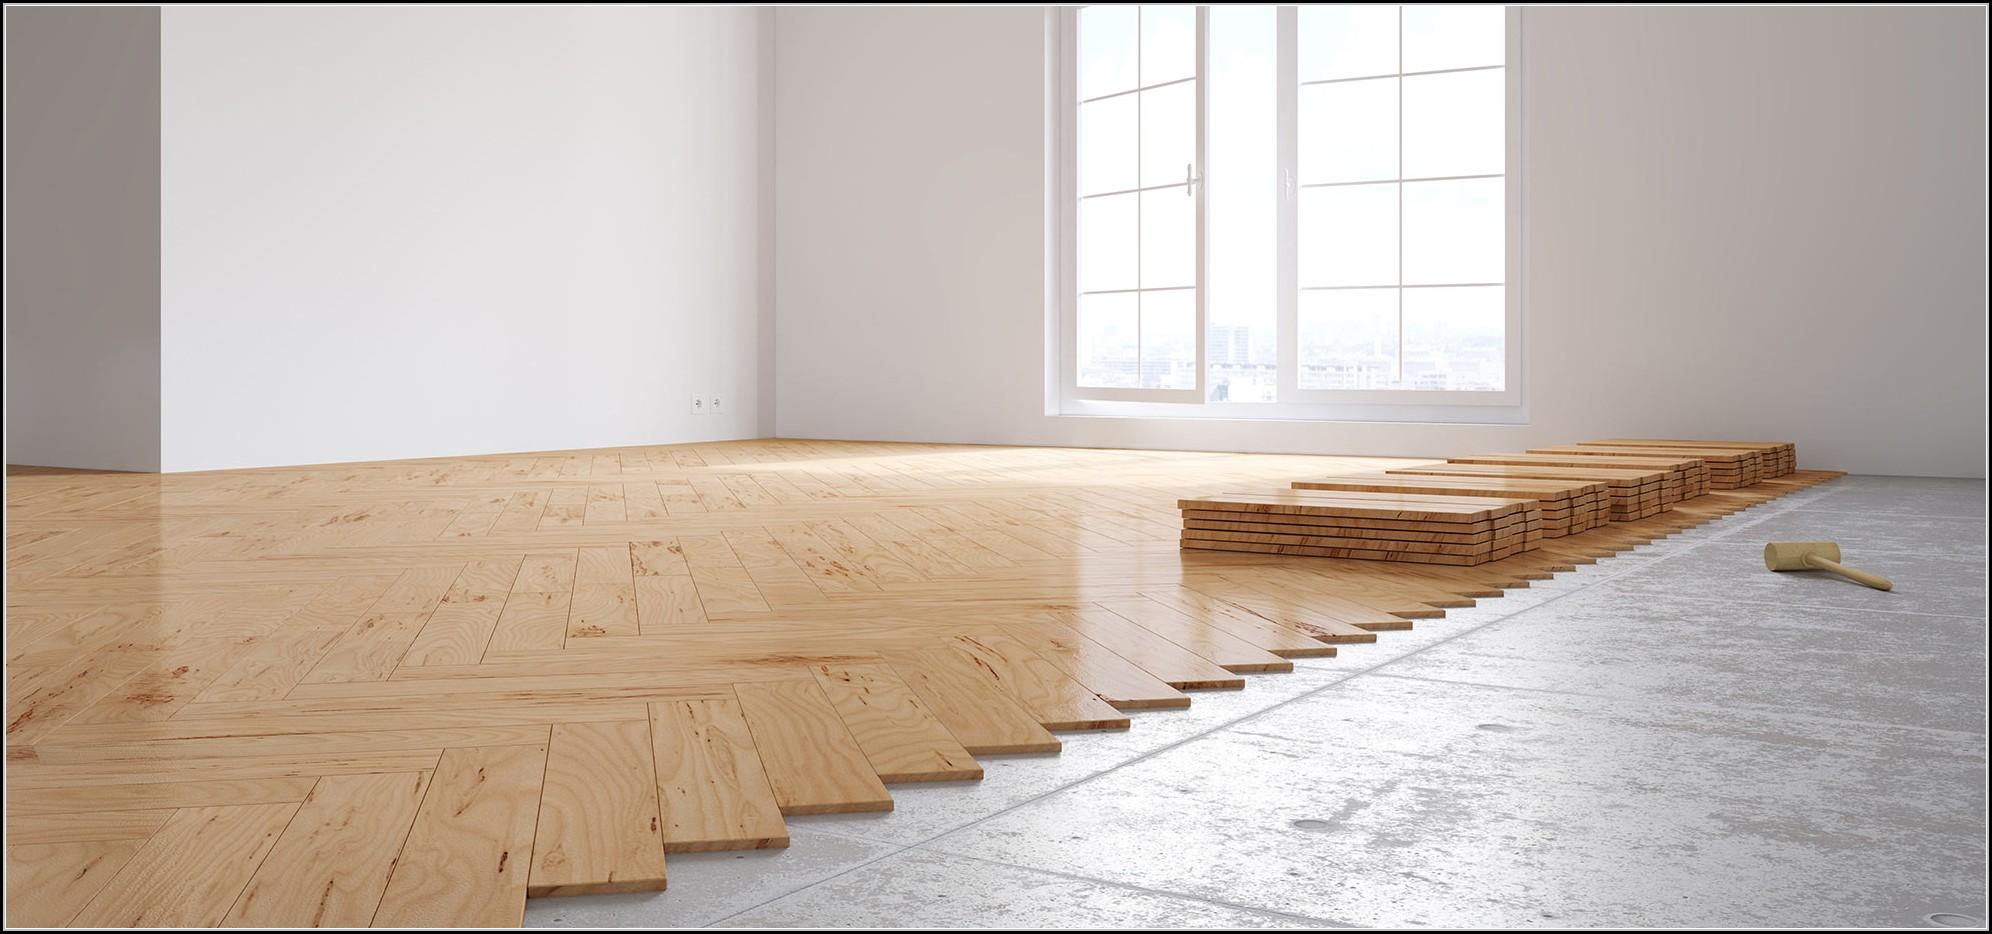 vinyl bodenbelag fliesenoptik fliesen house und dekor galerie 9k1wnnmwlz. Black Bedroom Furniture Sets. Home Design Ideas